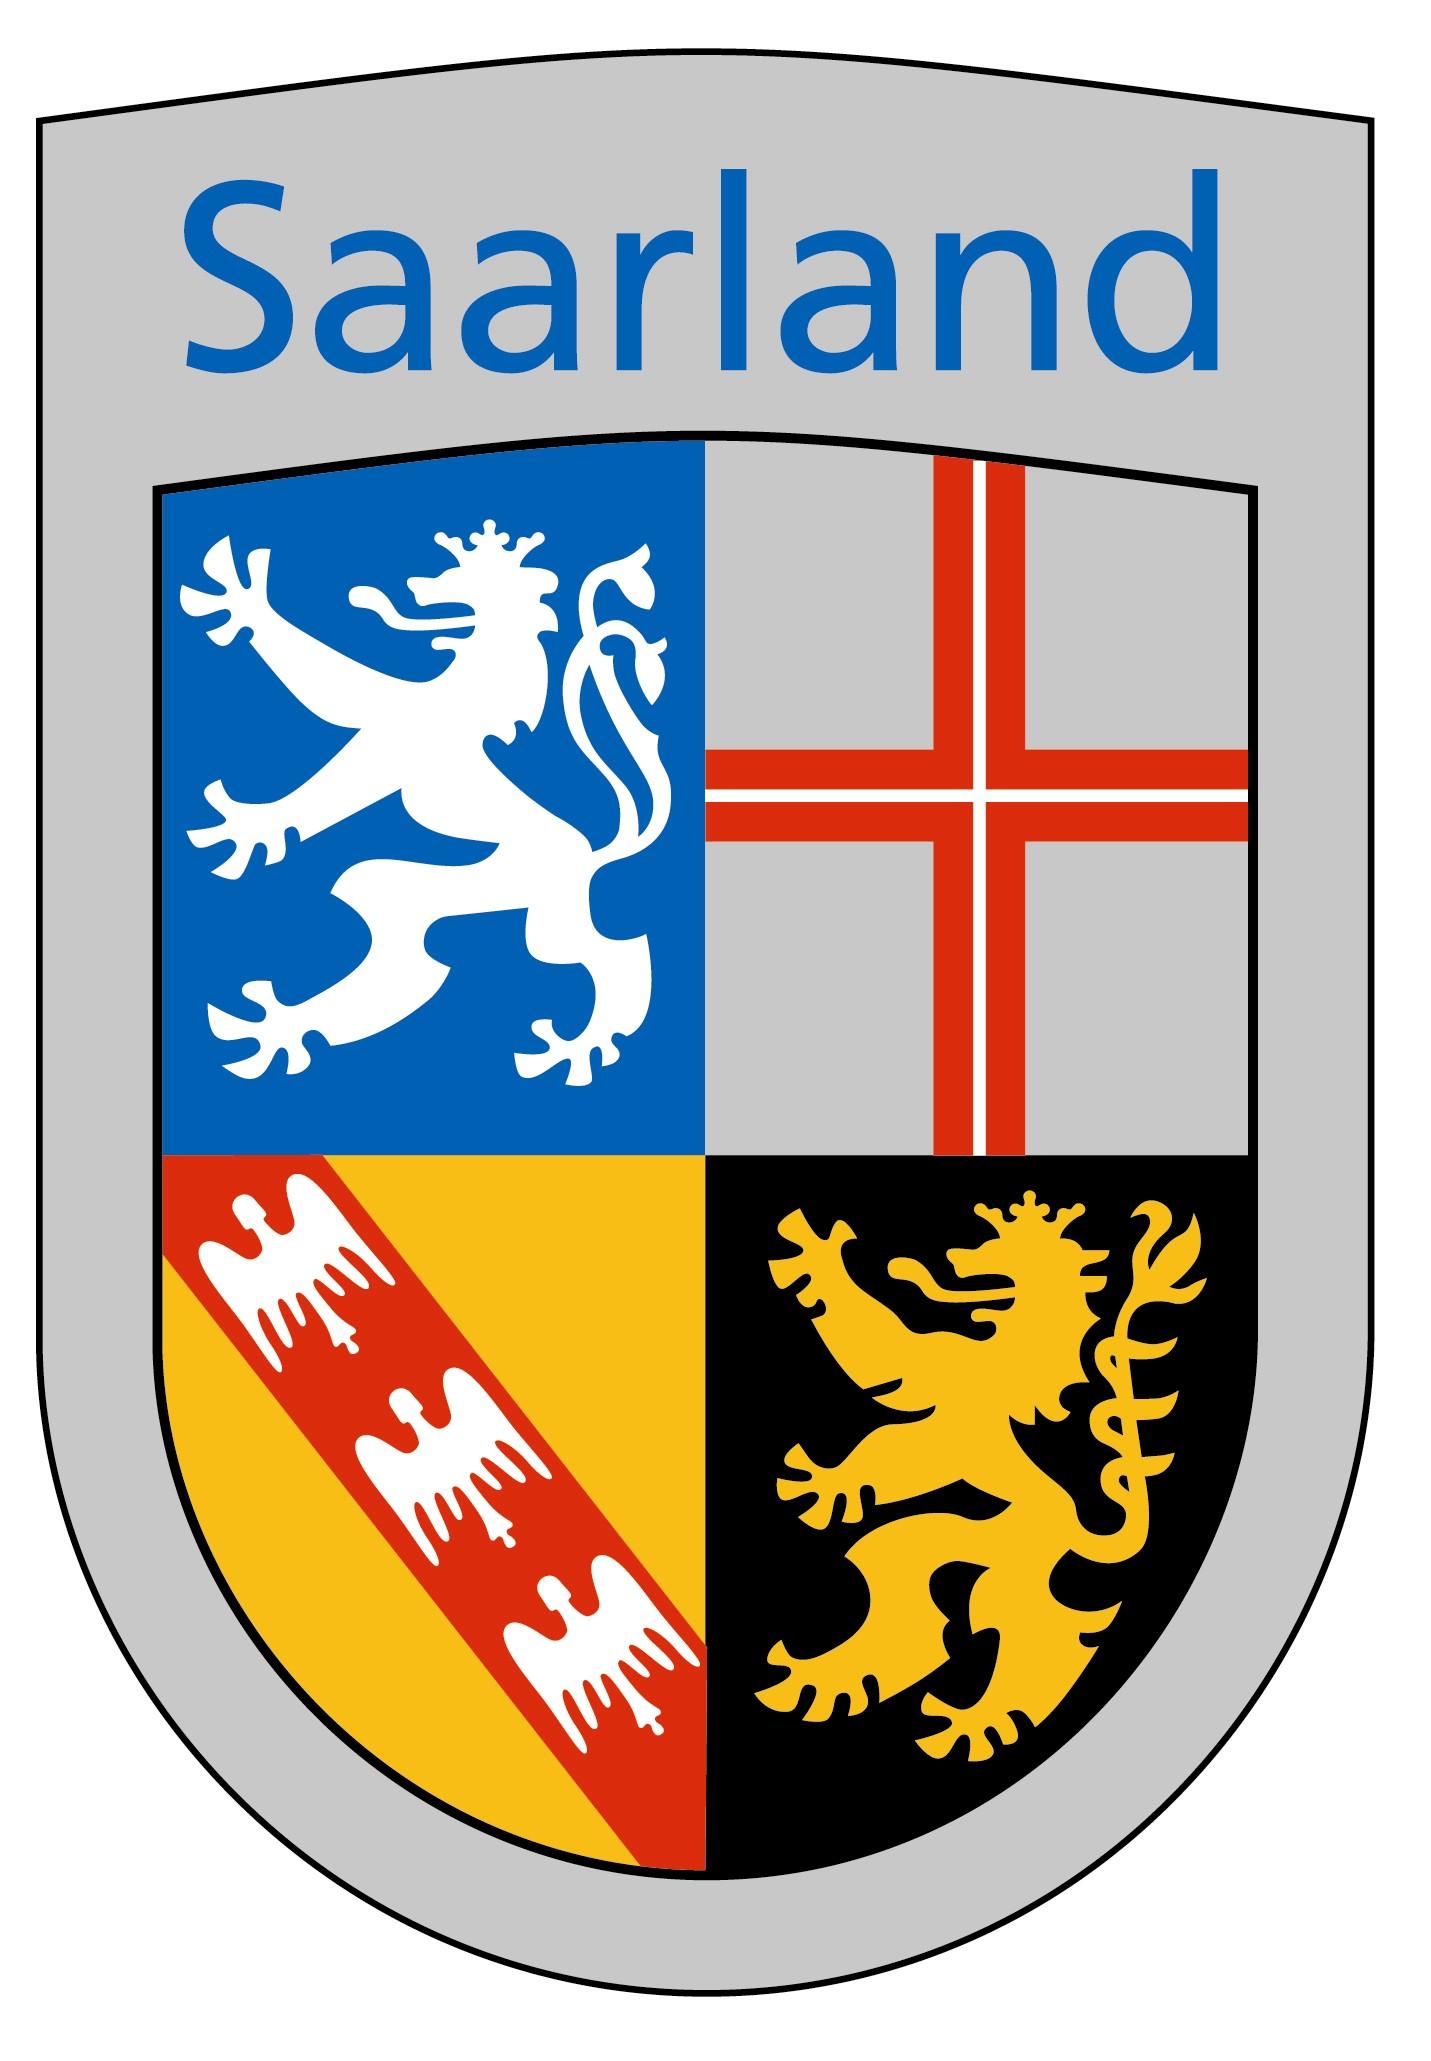 Stilisiertes Wappen des Saarlandes